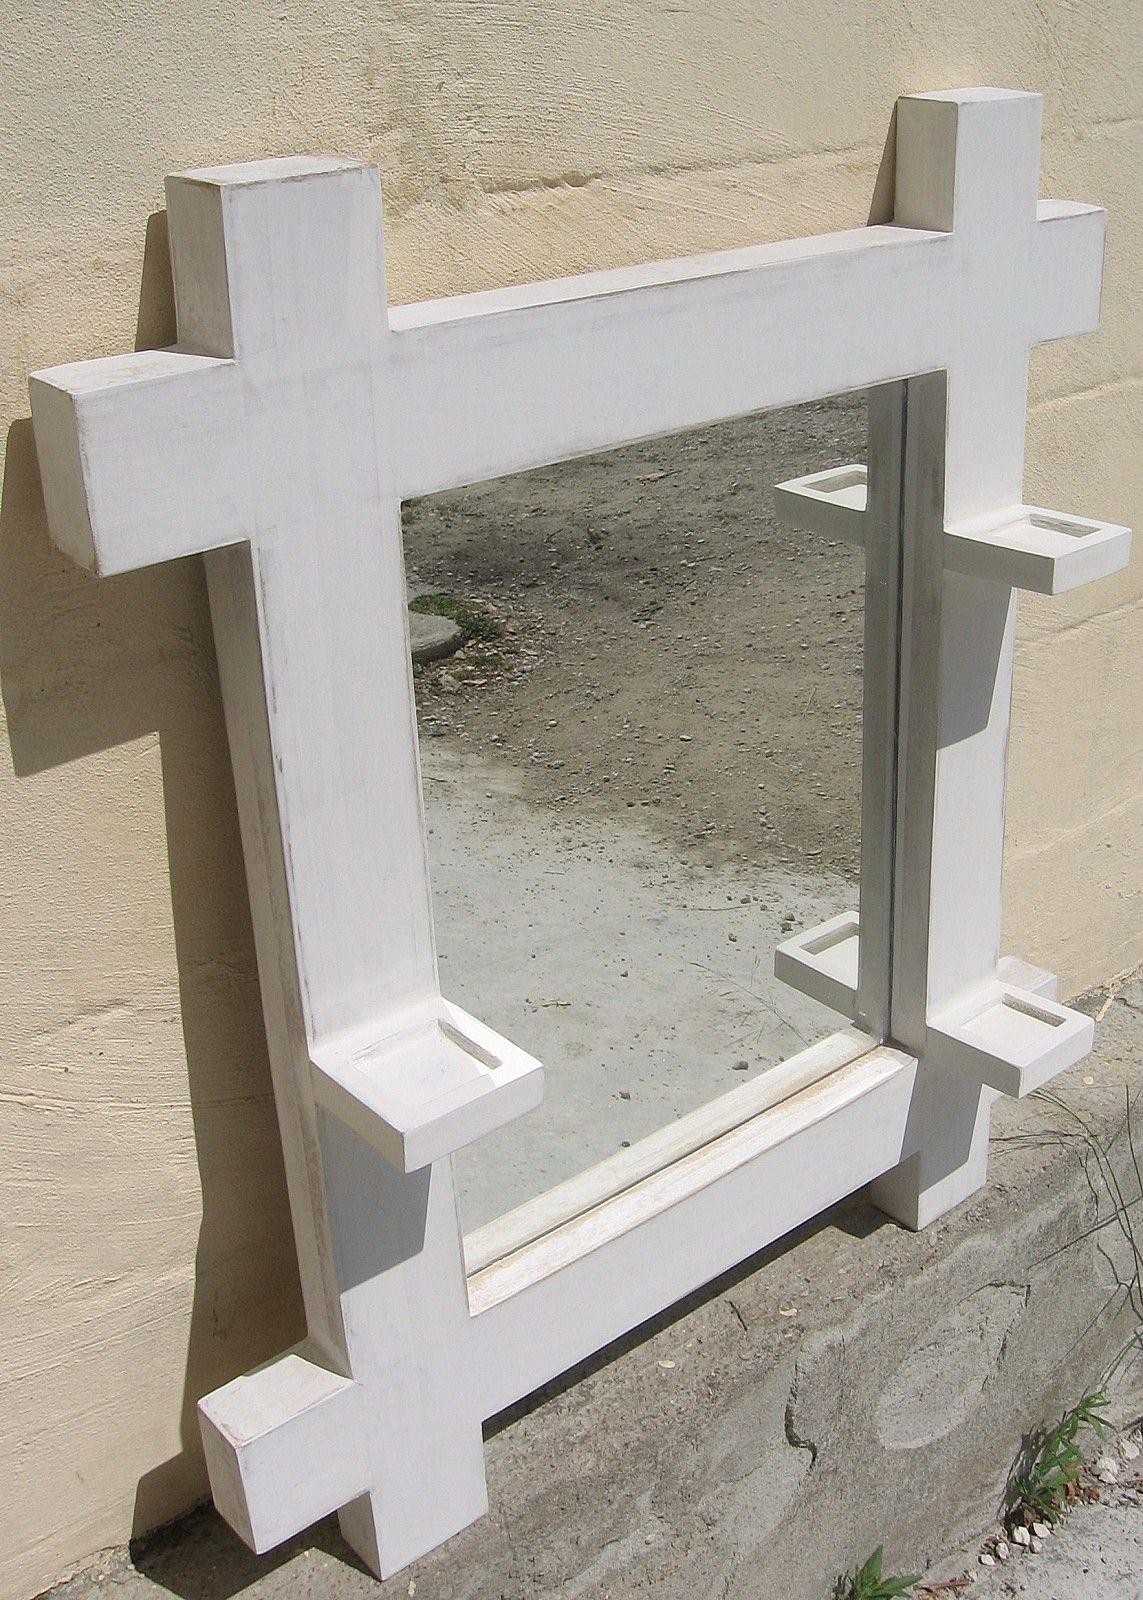 Tutoriel Comment Realiser Un Miroir En Carton Meubles En Carton Marie Krtonne Meuble En Carton Carton Et Mobilier De Salon